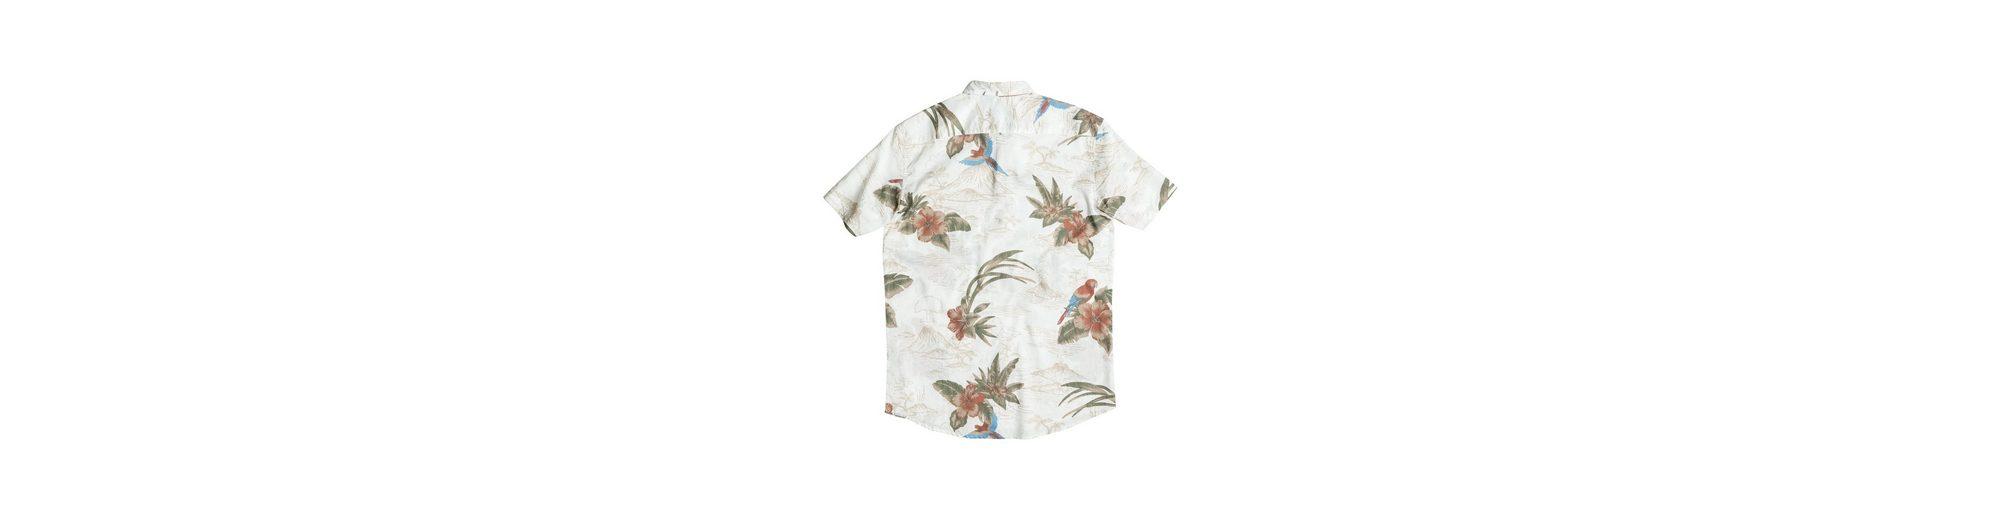 Billig Günstig Online Verkauf Exklusiv Quiksilver Kurzarmhemd Parrot Jungle Freies Verschiffen Nicekicks Starttermin Für Verkauf Billige Sast TWKRPg